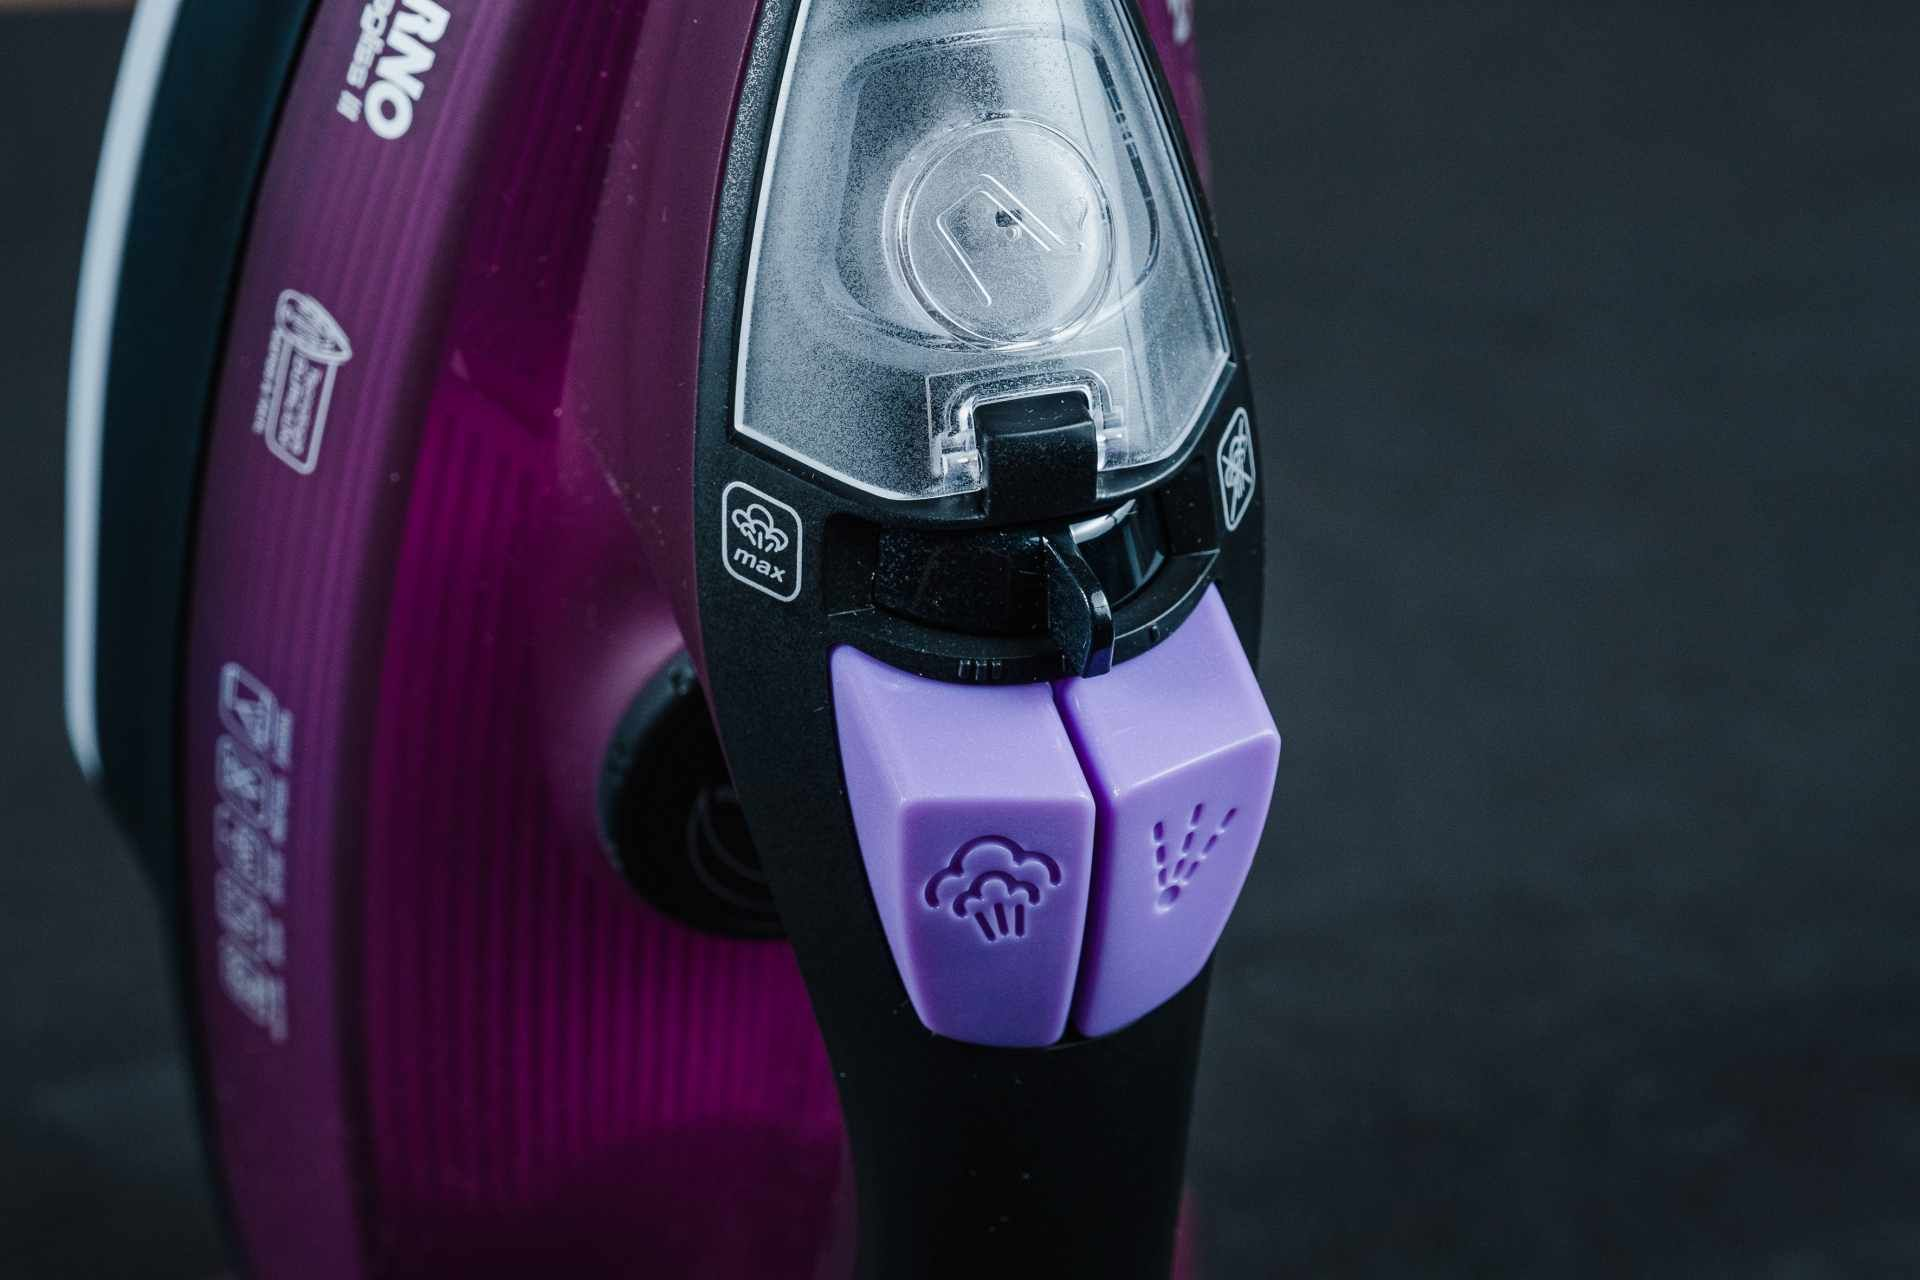 Detalhe do ferro de passar roupas na vertical mostrando uma tampa transparente branca, um seletor preto e botões em lilás